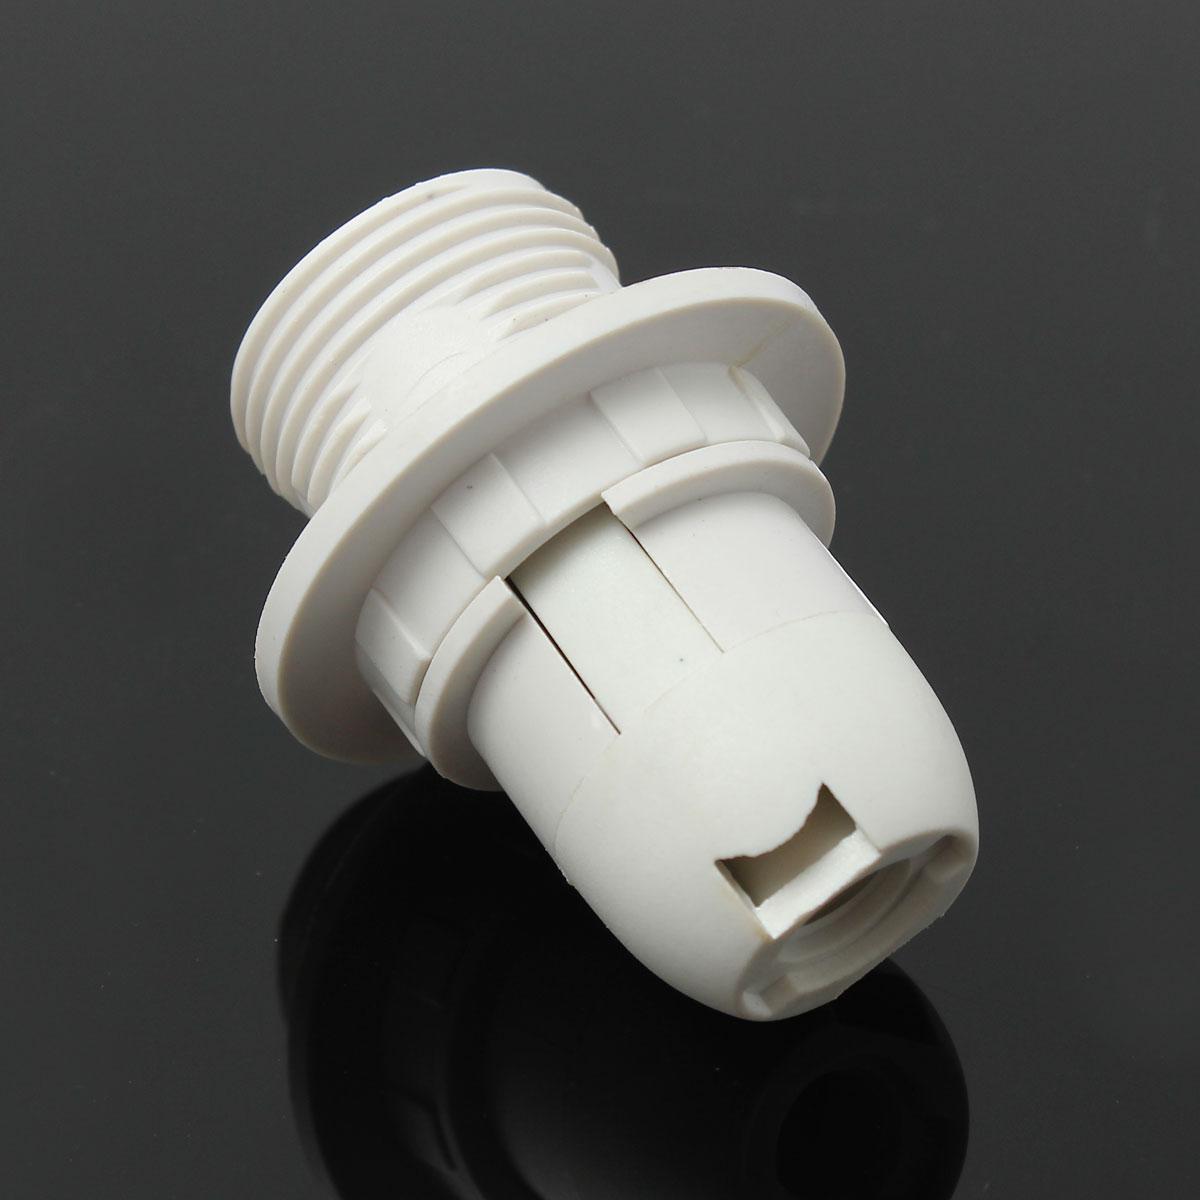 Edison Bulb Lamp Holder Bruin Blog E27 Brass Copper Holderwireceiling Base Pendant Light Without New Small Ses E14